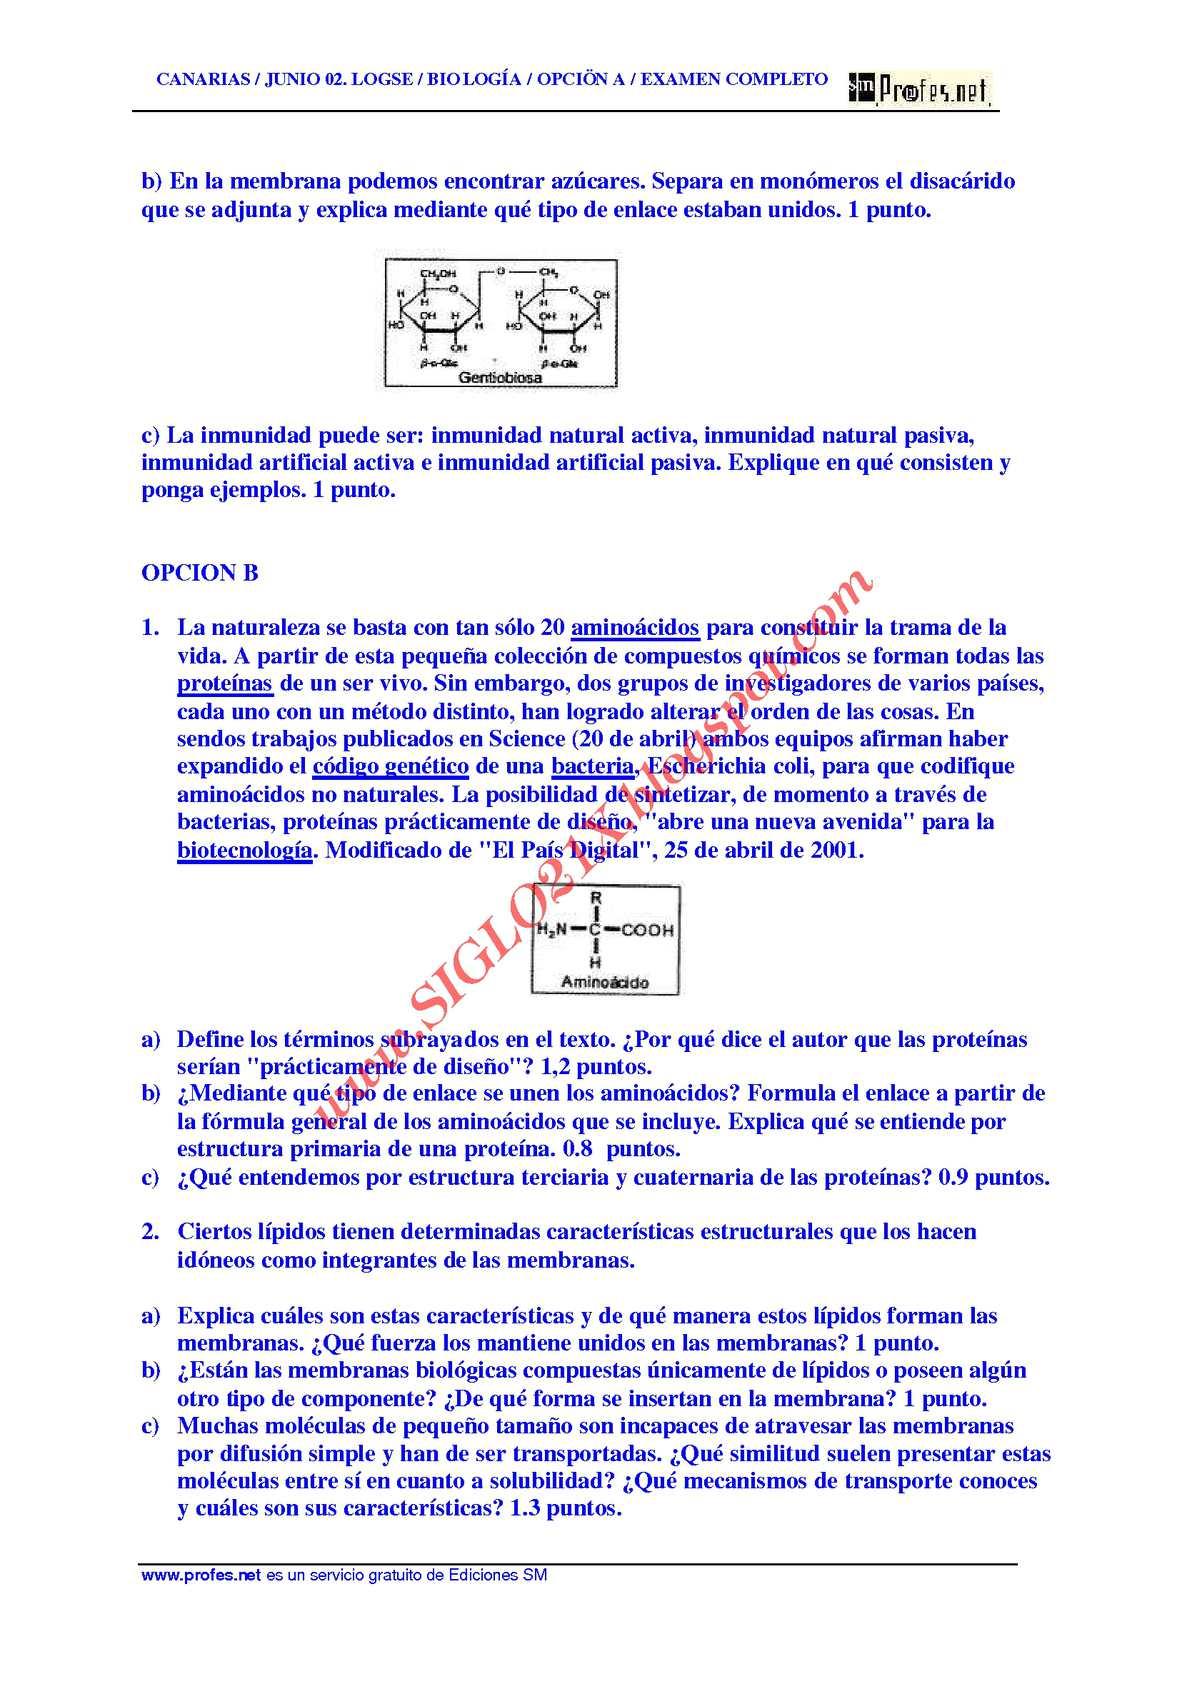 Biologia Selectividad Examen Resuelto 2